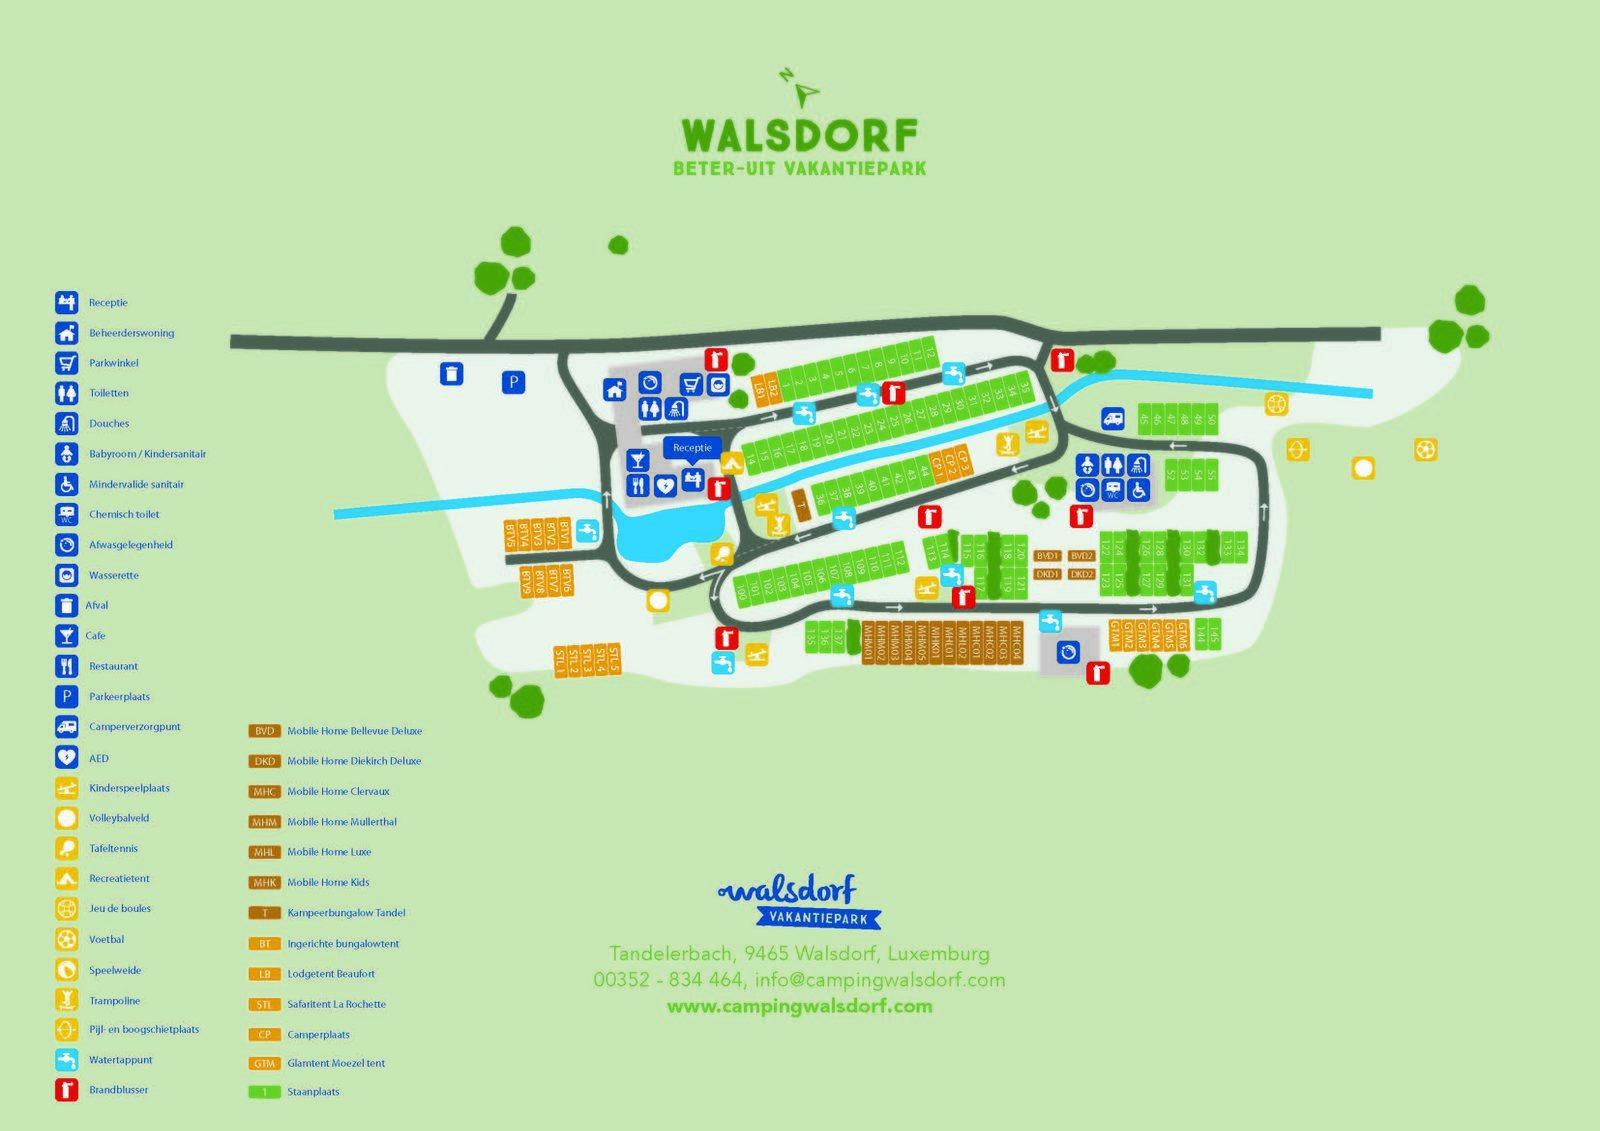 BeterUit_plattegrond19_Walsdorf_NL_f7bc59f6-4344-45d6-a428-b3271b4fa348.pdf